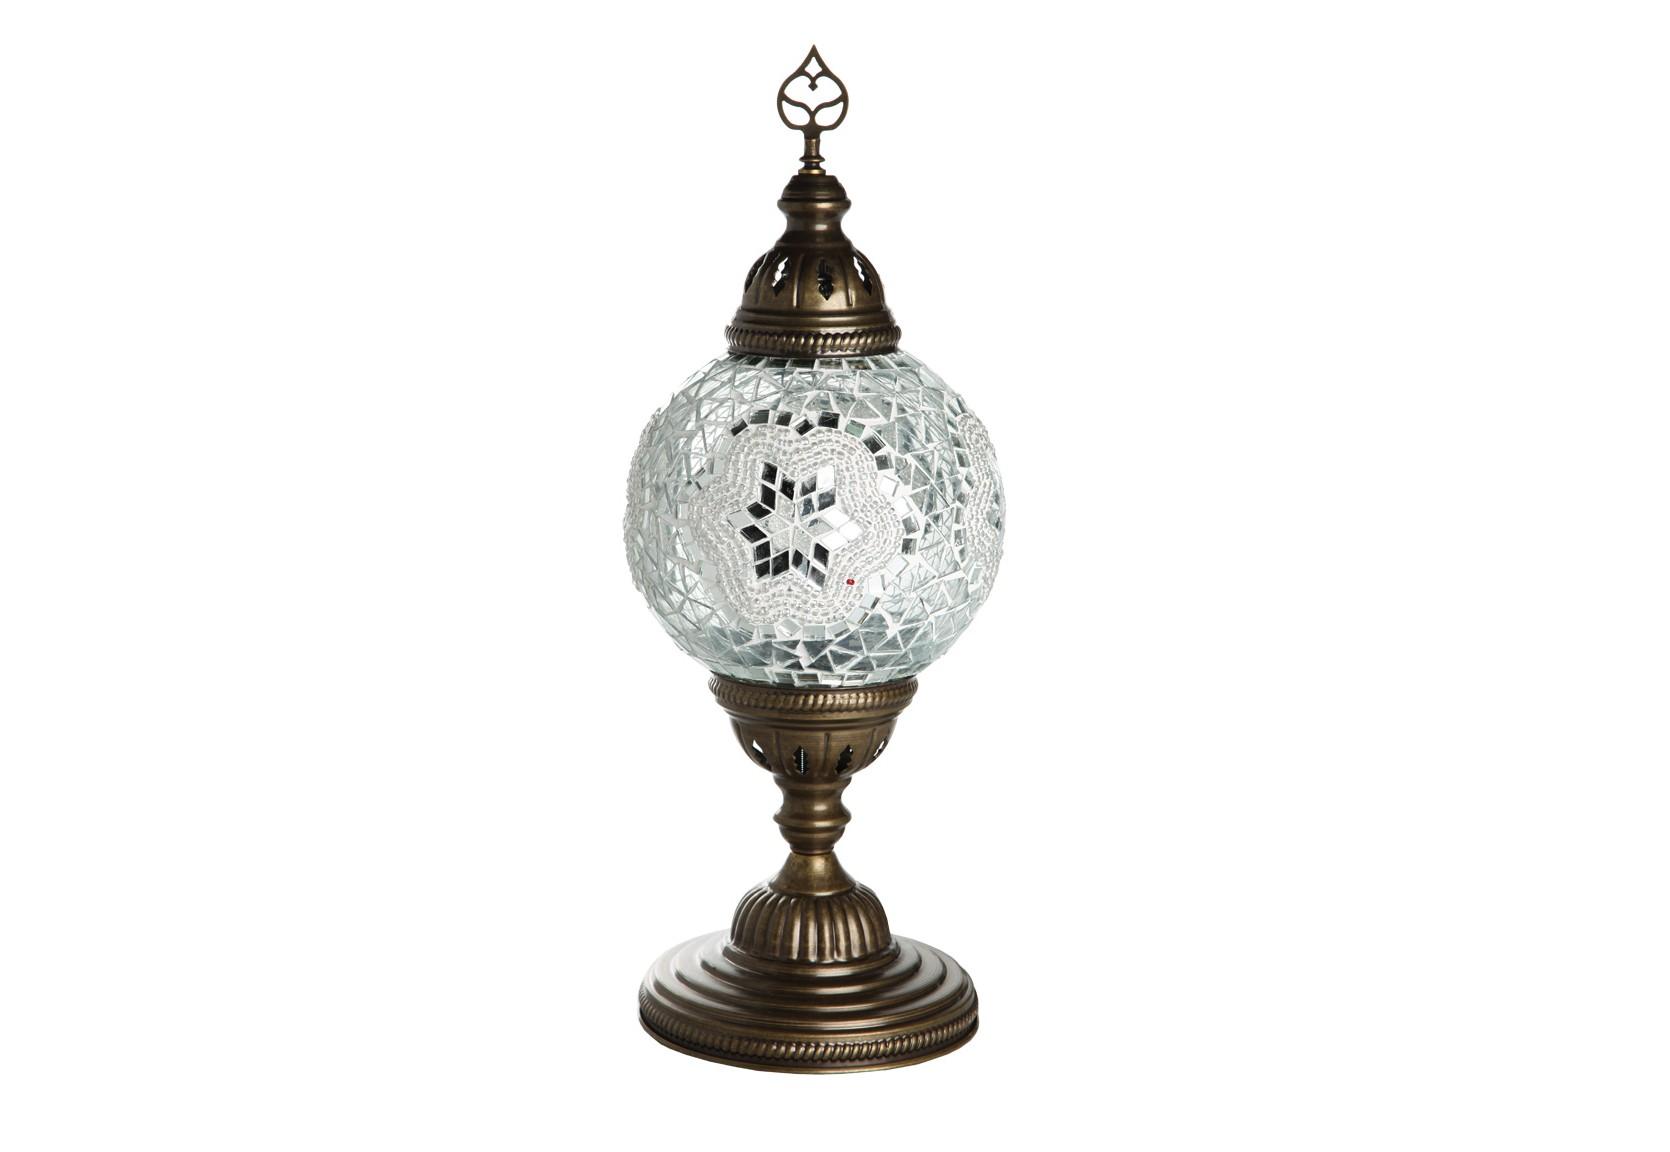 Настольная лампа МароккоДекоративные лампы<br>&amp;lt;div&amp;gt;Вид цоколя: Е14&amp;lt;/div&amp;gt;&amp;lt;div&amp;gt;Мощность лампы: 40W&amp;lt;/div&amp;gt;&amp;lt;div&amp;gt;Количество ламп: 1&amp;lt;/div&amp;gt;&amp;lt;div&amp;gt;Наличие ламп: нет&amp;lt;/div&amp;gt;<br><br>Material: Стекло